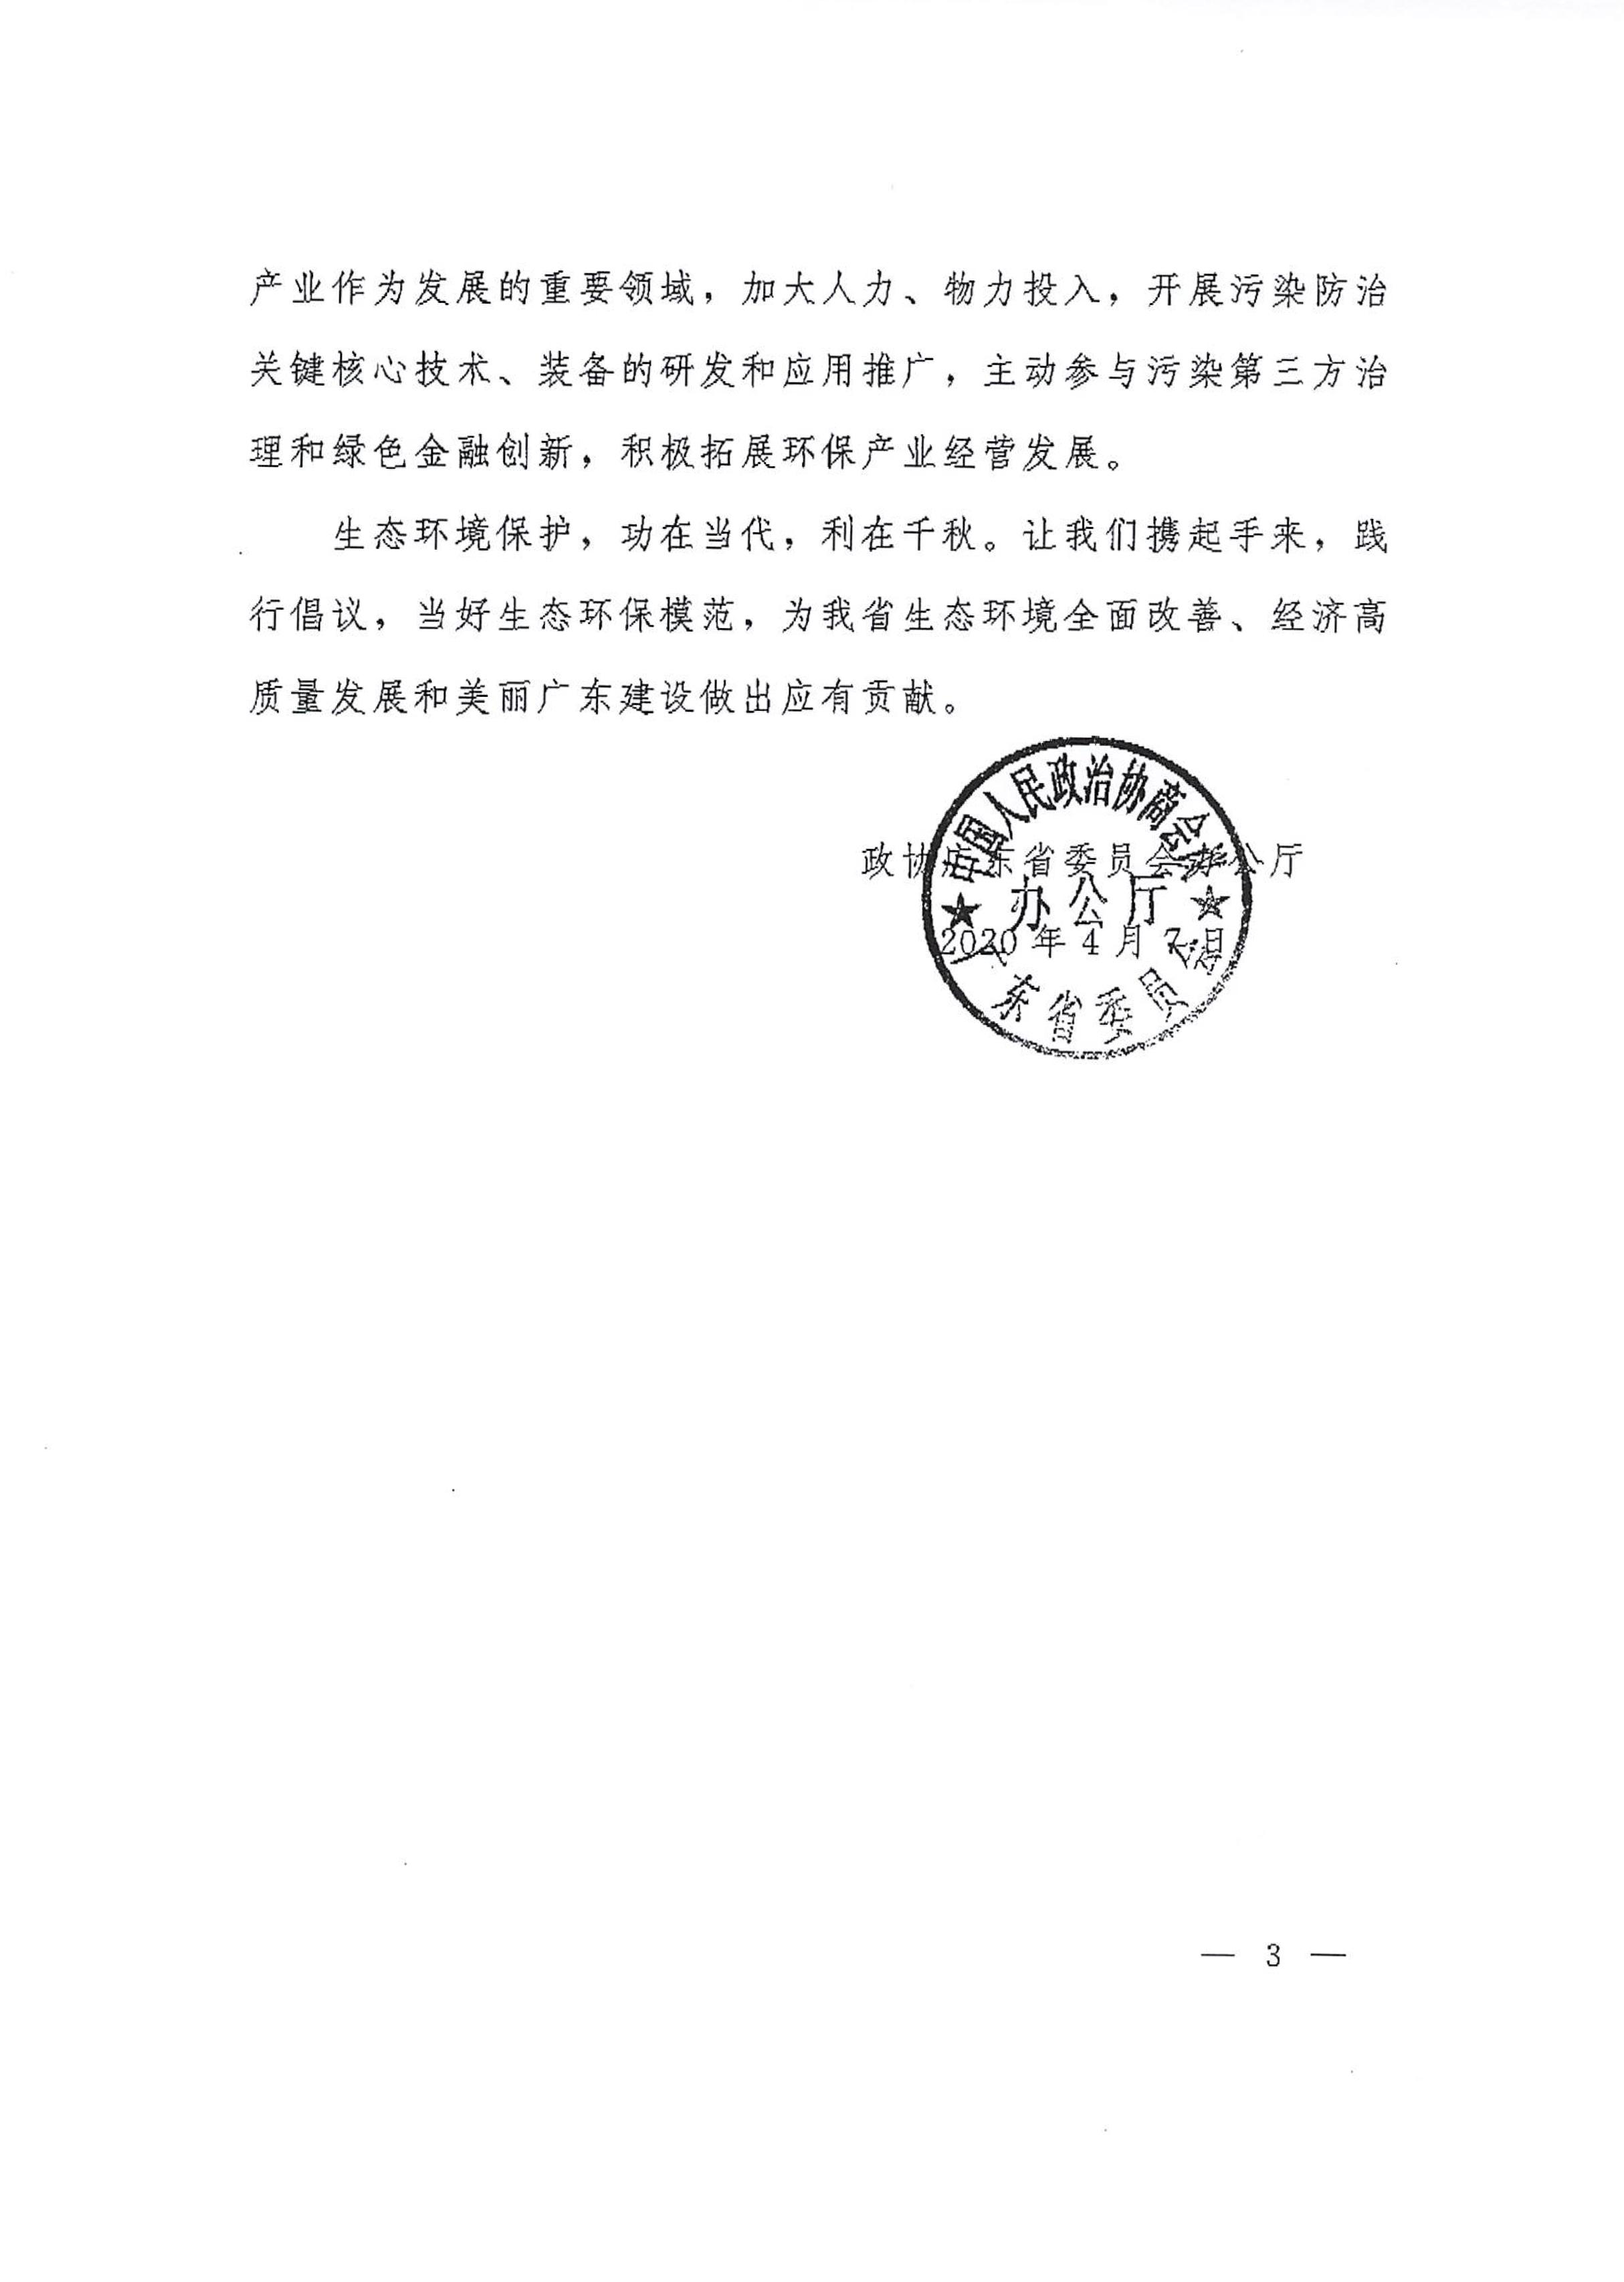 """关于在全市政协组织和政协委员中开展""""携手治污攻坚共建美丽广东""""倡议活动的函-4"""